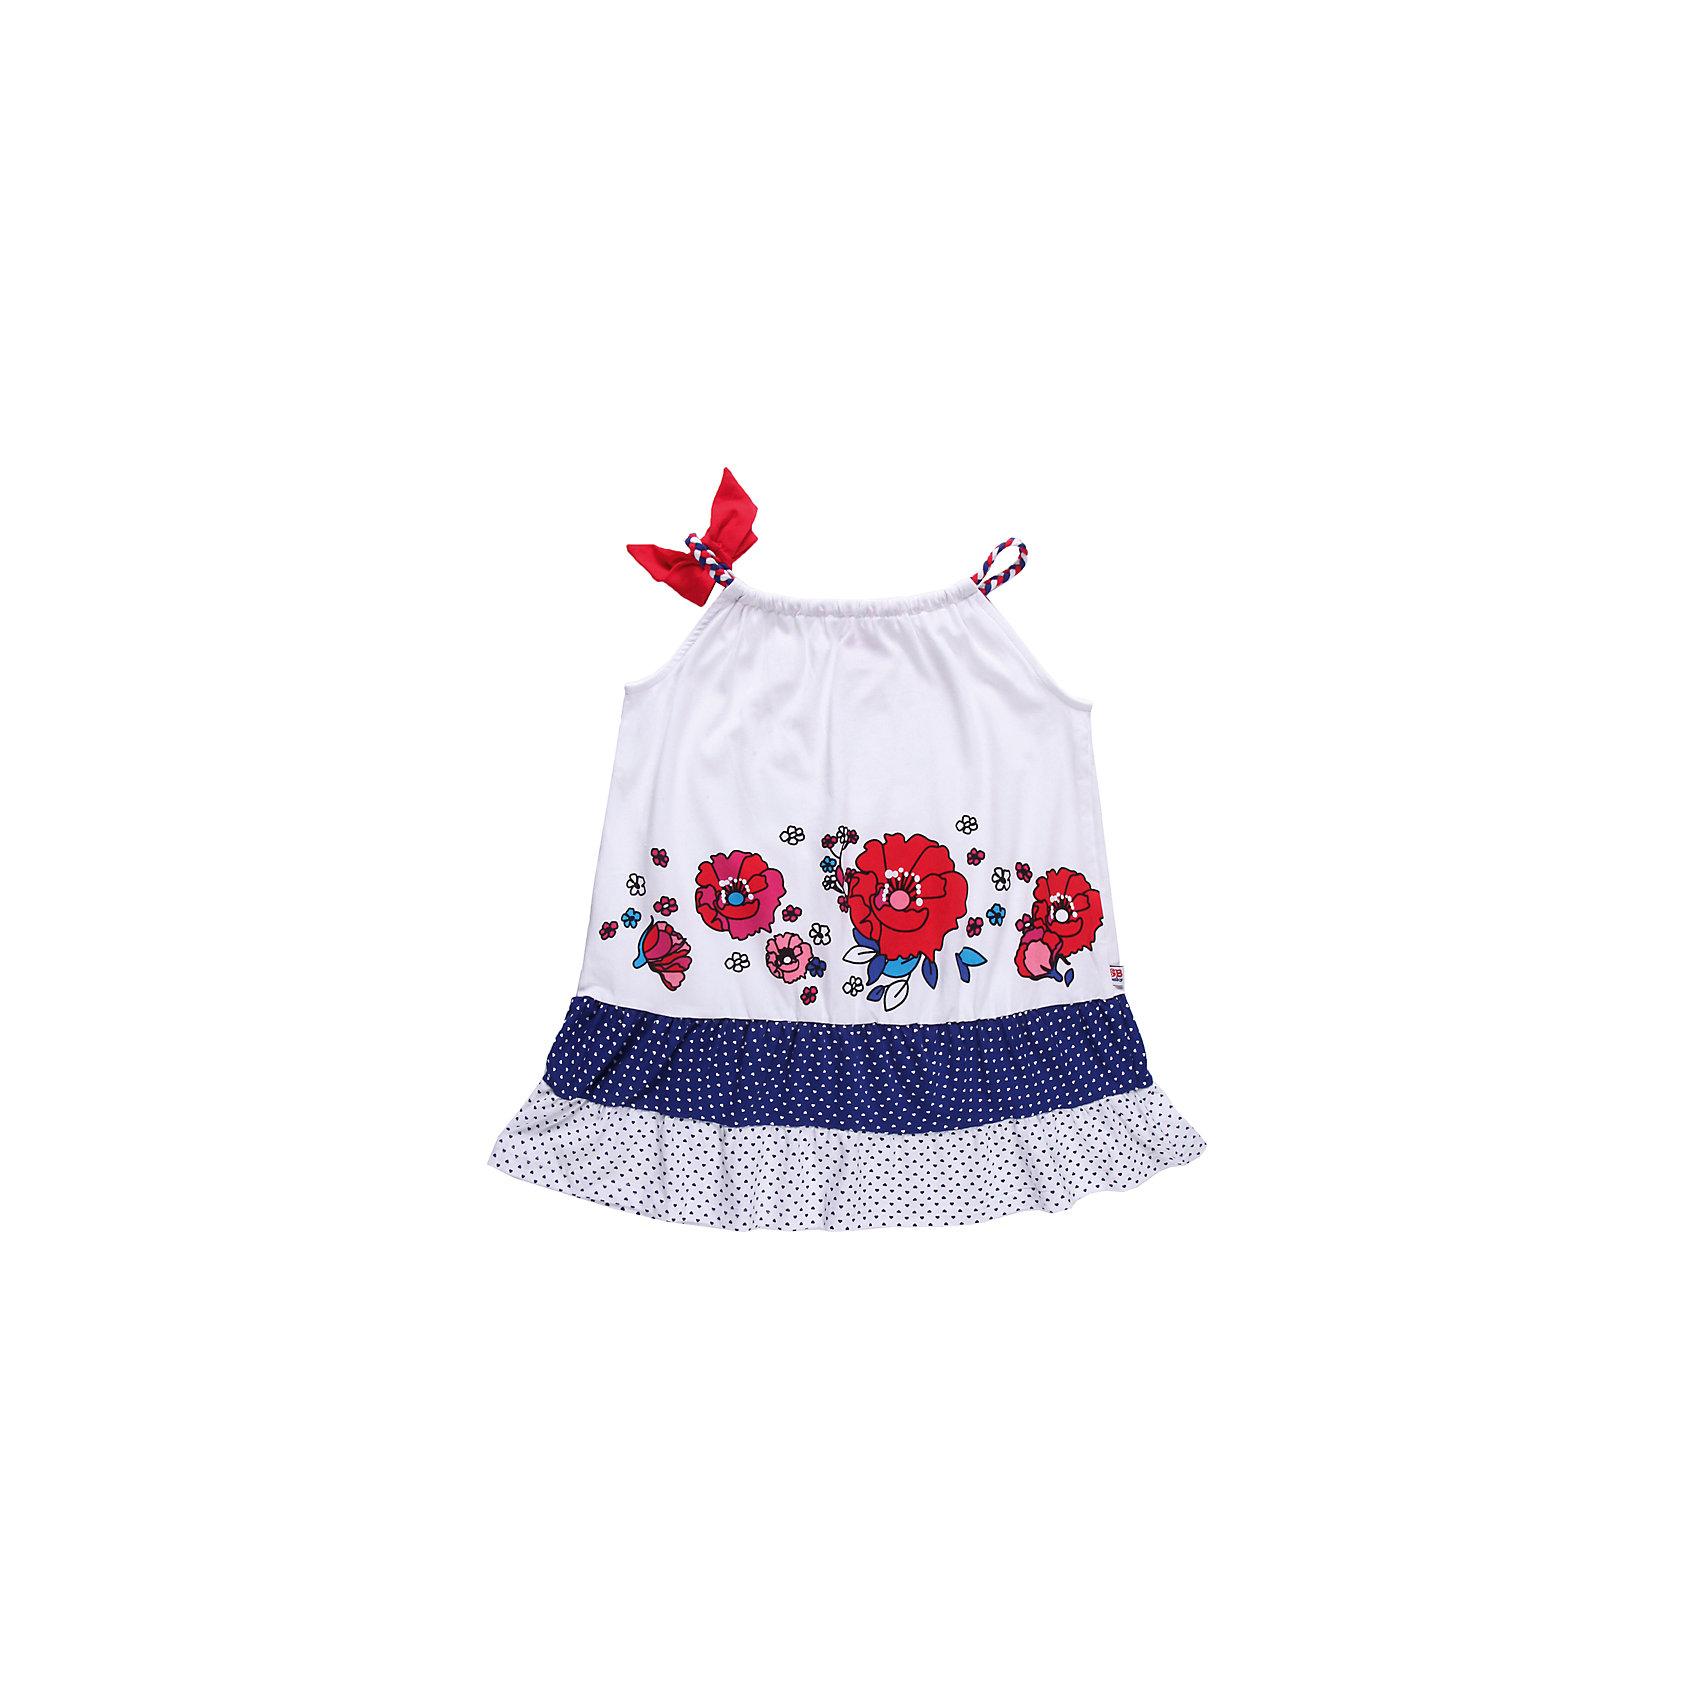 Платье для девочки Sweet BerryРомантичное платье, украшенное оборками и принтованными цветами<br>Состав:<br>95% хлопок, 5% эластан<br><br>Ширина мм: 236<br>Глубина мм: 16<br>Высота мм: 184<br>Вес г: 177<br>Цвет: синий/красный<br>Возраст от месяцев: 18<br>Возраст до месяцев: 24<br>Пол: Женский<br>Возраст: Детский<br>Размер: 92,80,98,86<br>SKU: 4520373